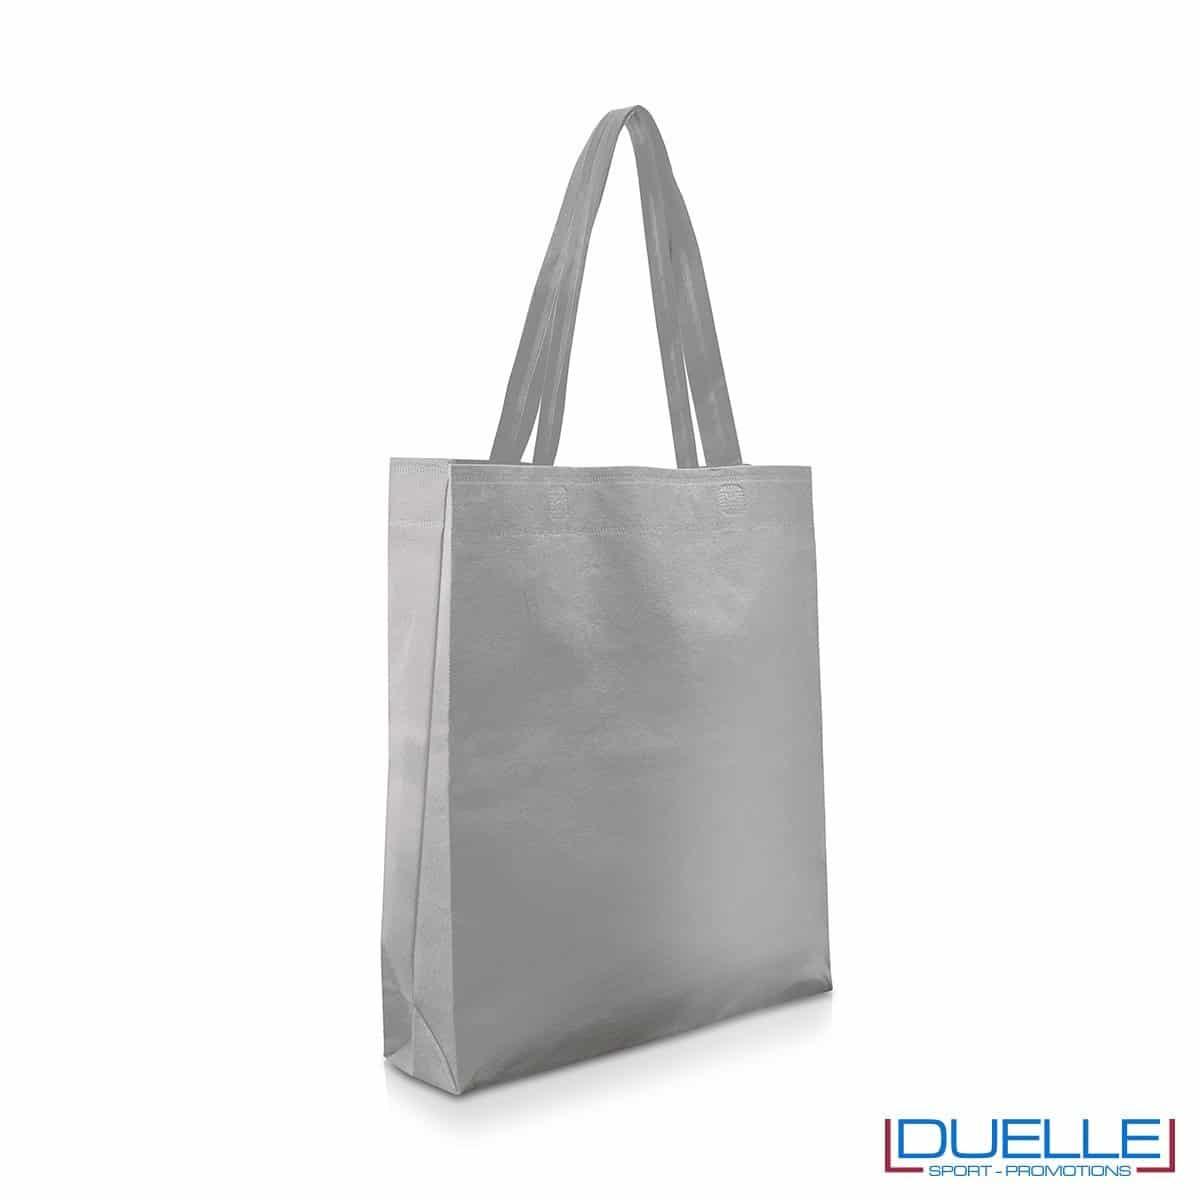 Shopper economica personalizzabile in TNT colore grigio